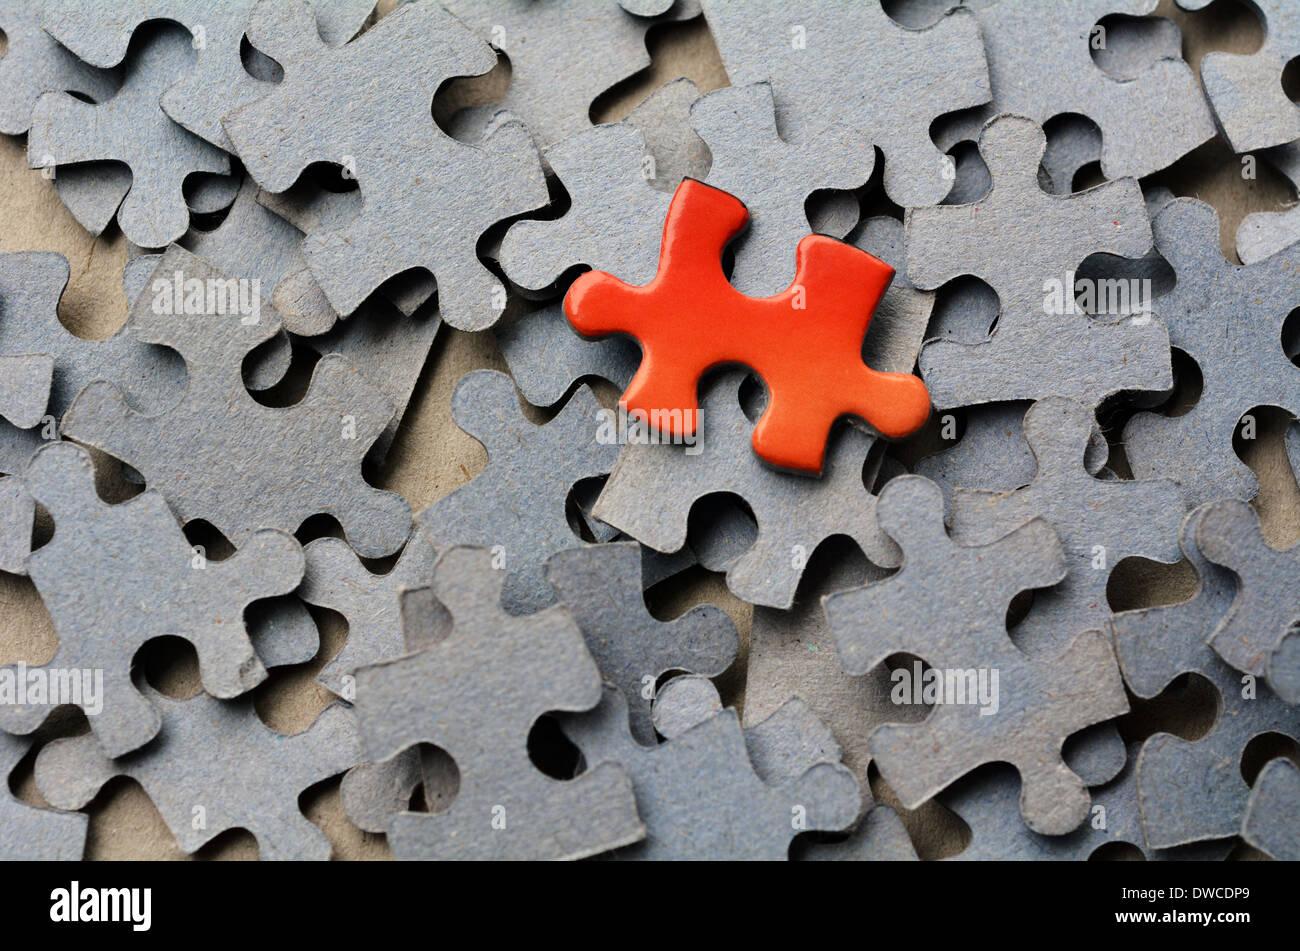 Pièce de puzzle orange se démarquer de groupe plus important des pièces de puzzle. Concept d'affaires - branding, différente, originale. Photo Stock